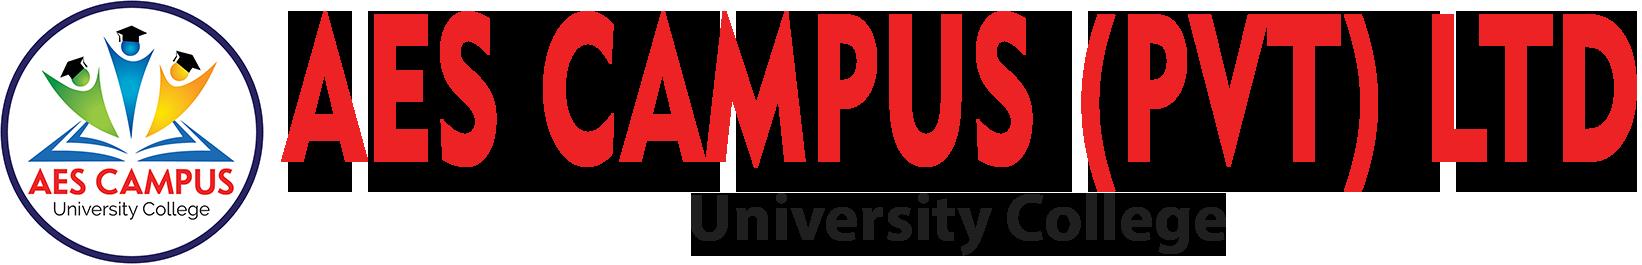 AES Campus